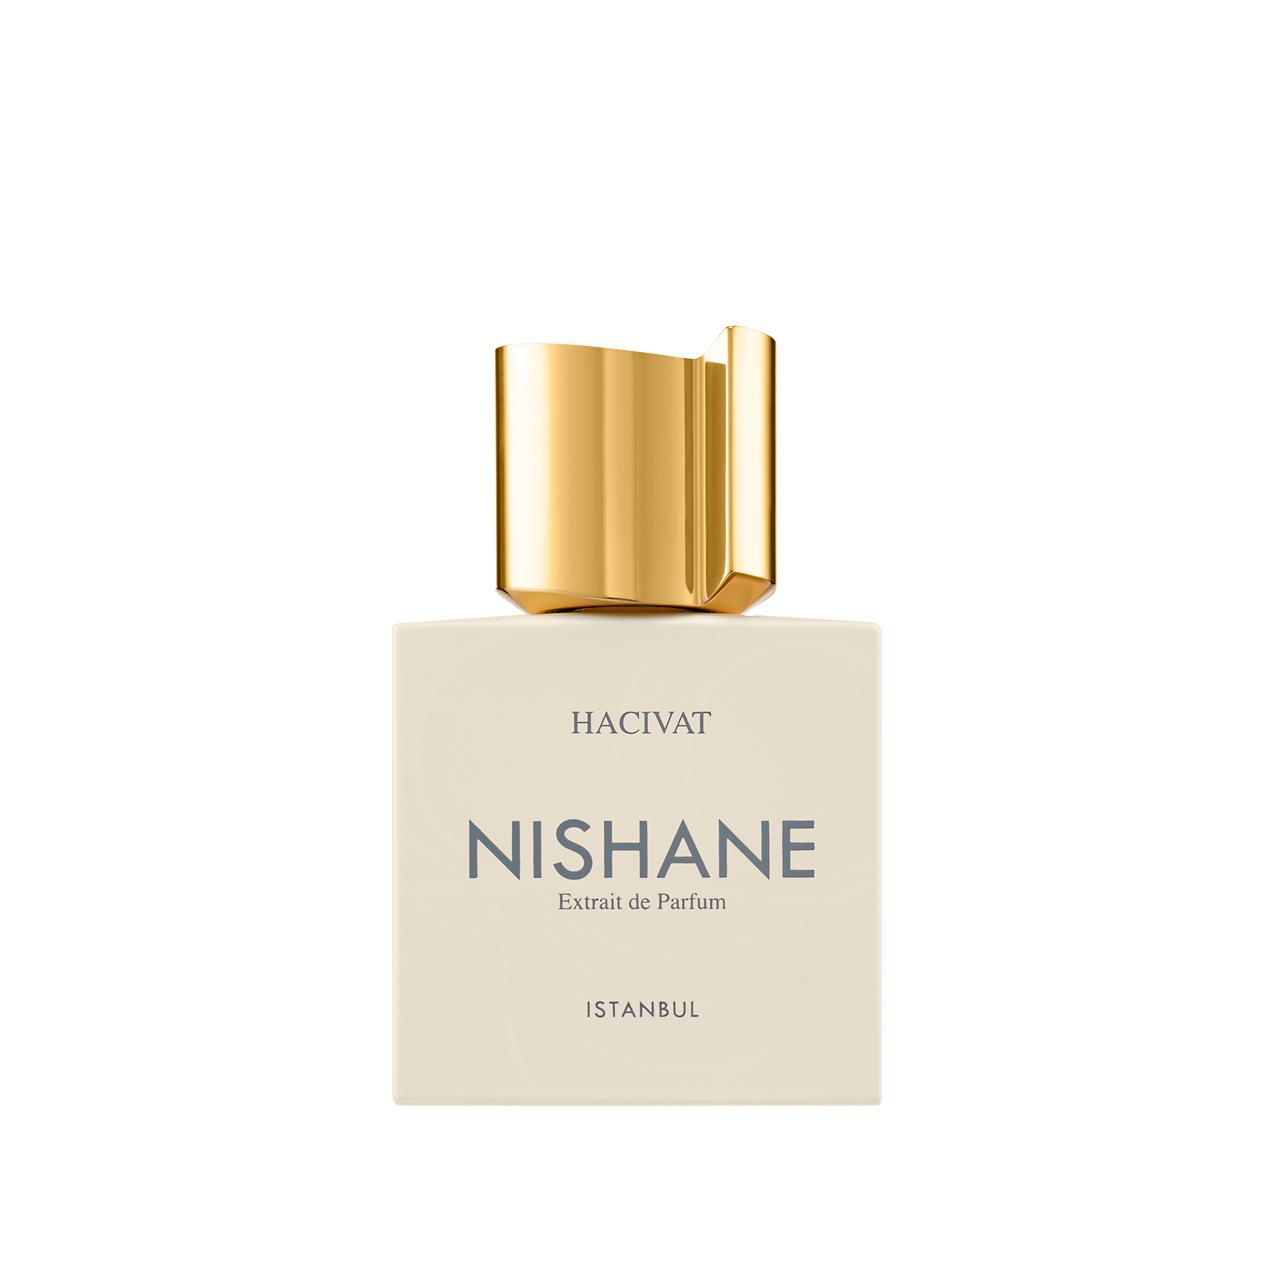 Hacivat - Extrait de Parfum